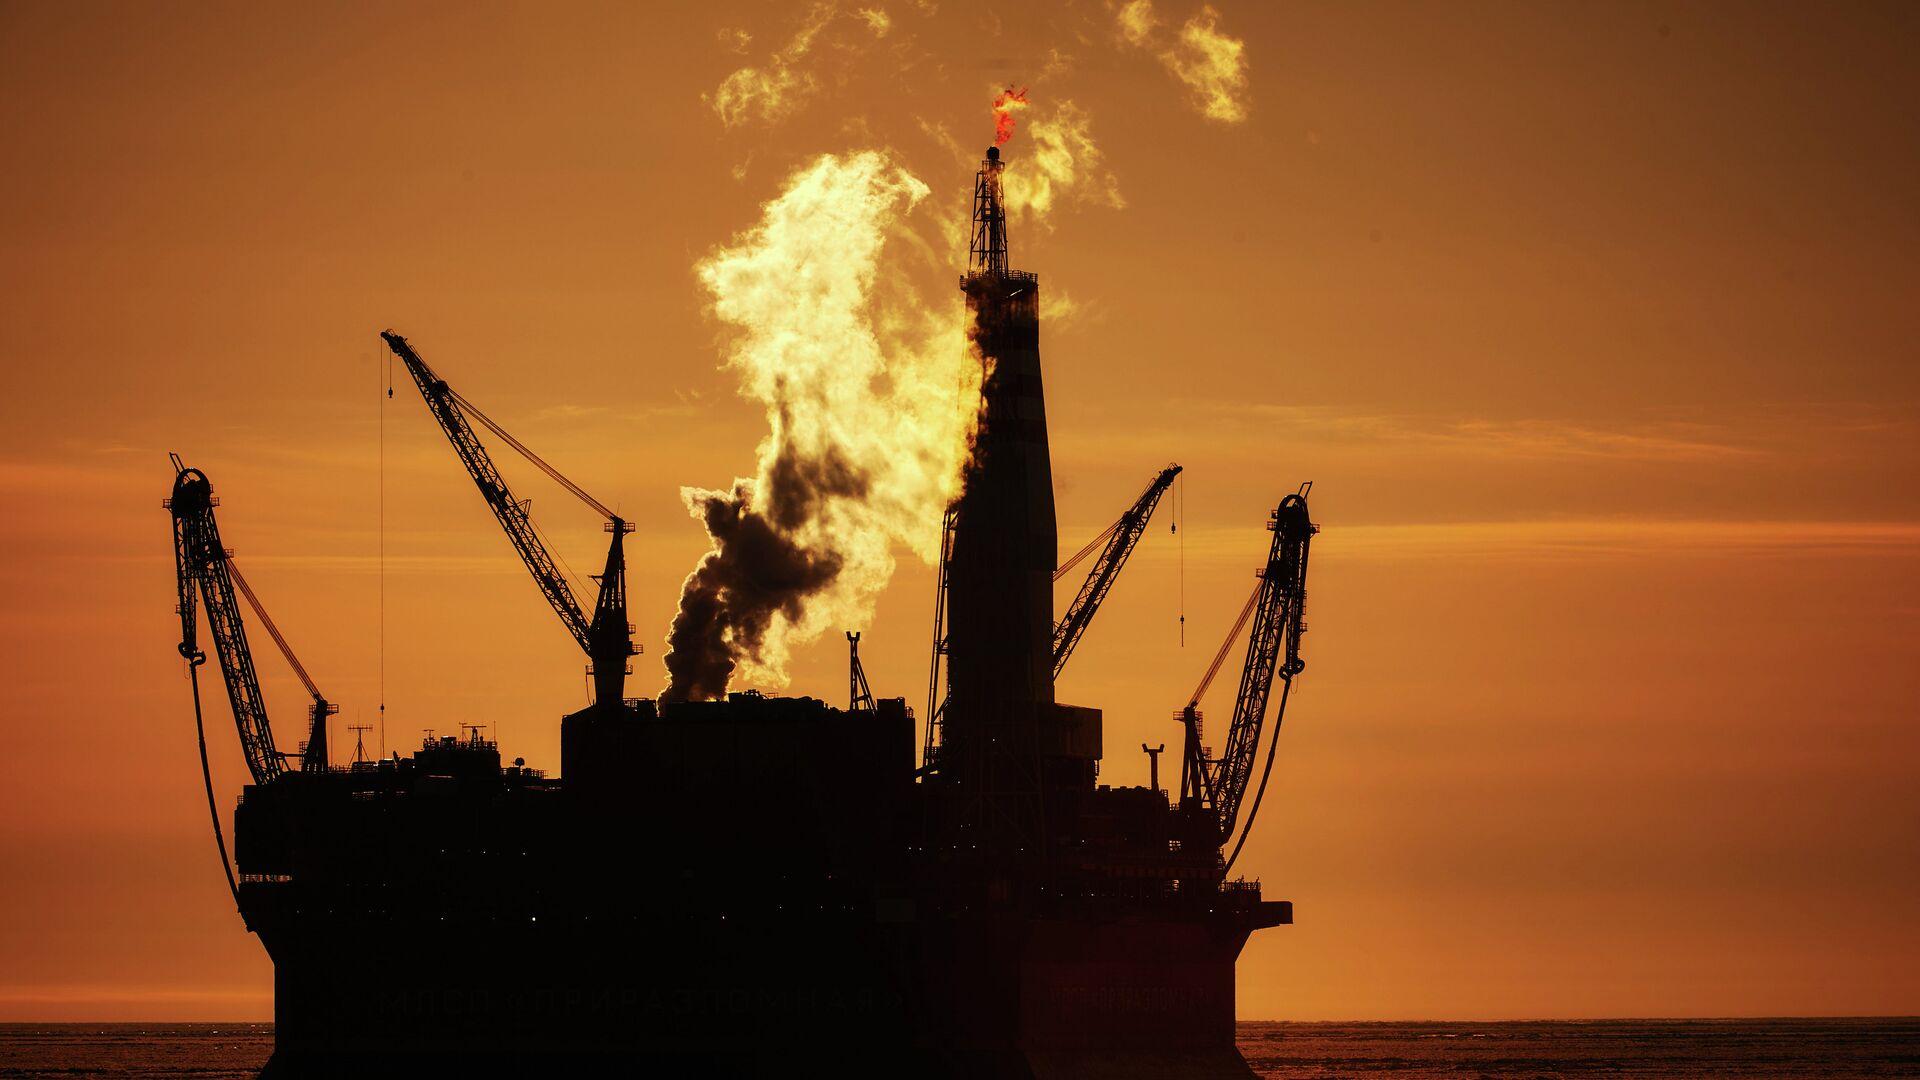 В корпорации Pemex раскрыли подробности взрыва на морской платформе